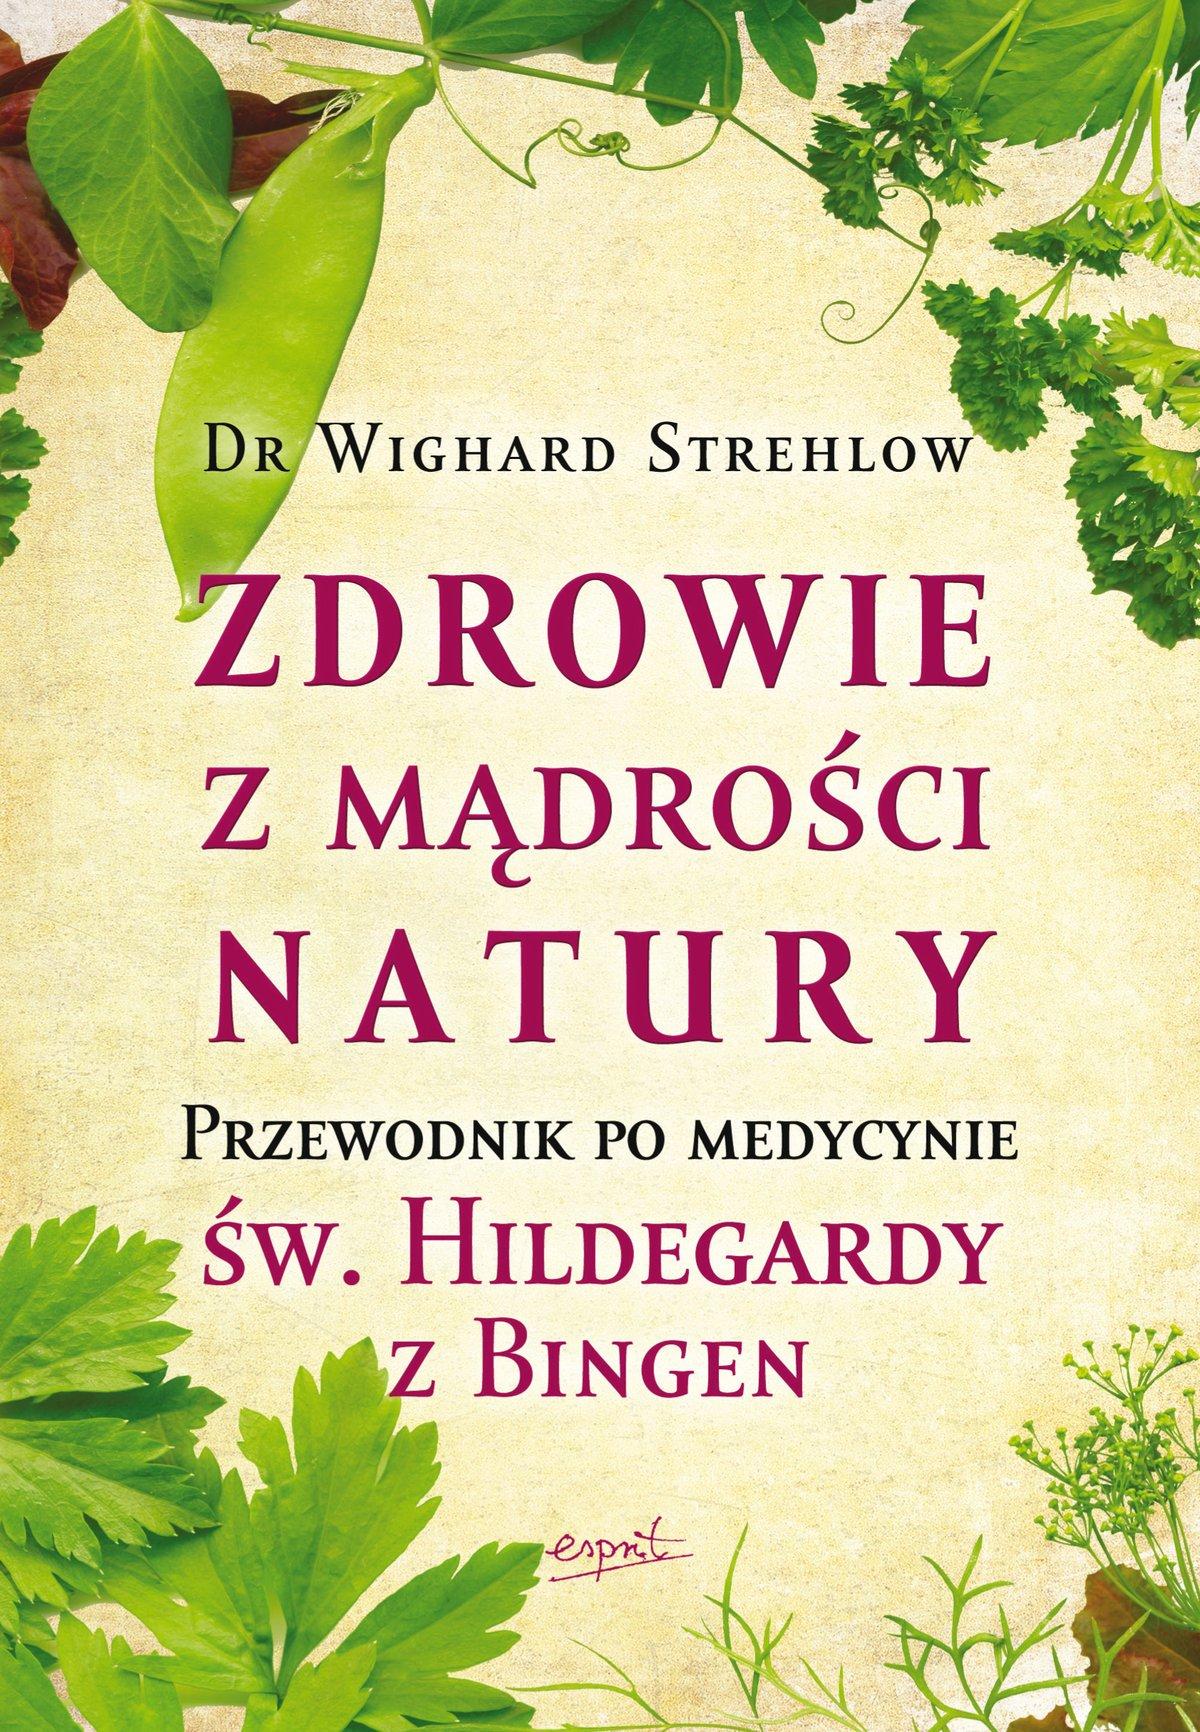 Zdrowie z mądrości natury - Ebook (Książka na Kindle) do pobrania w formacie MOBI